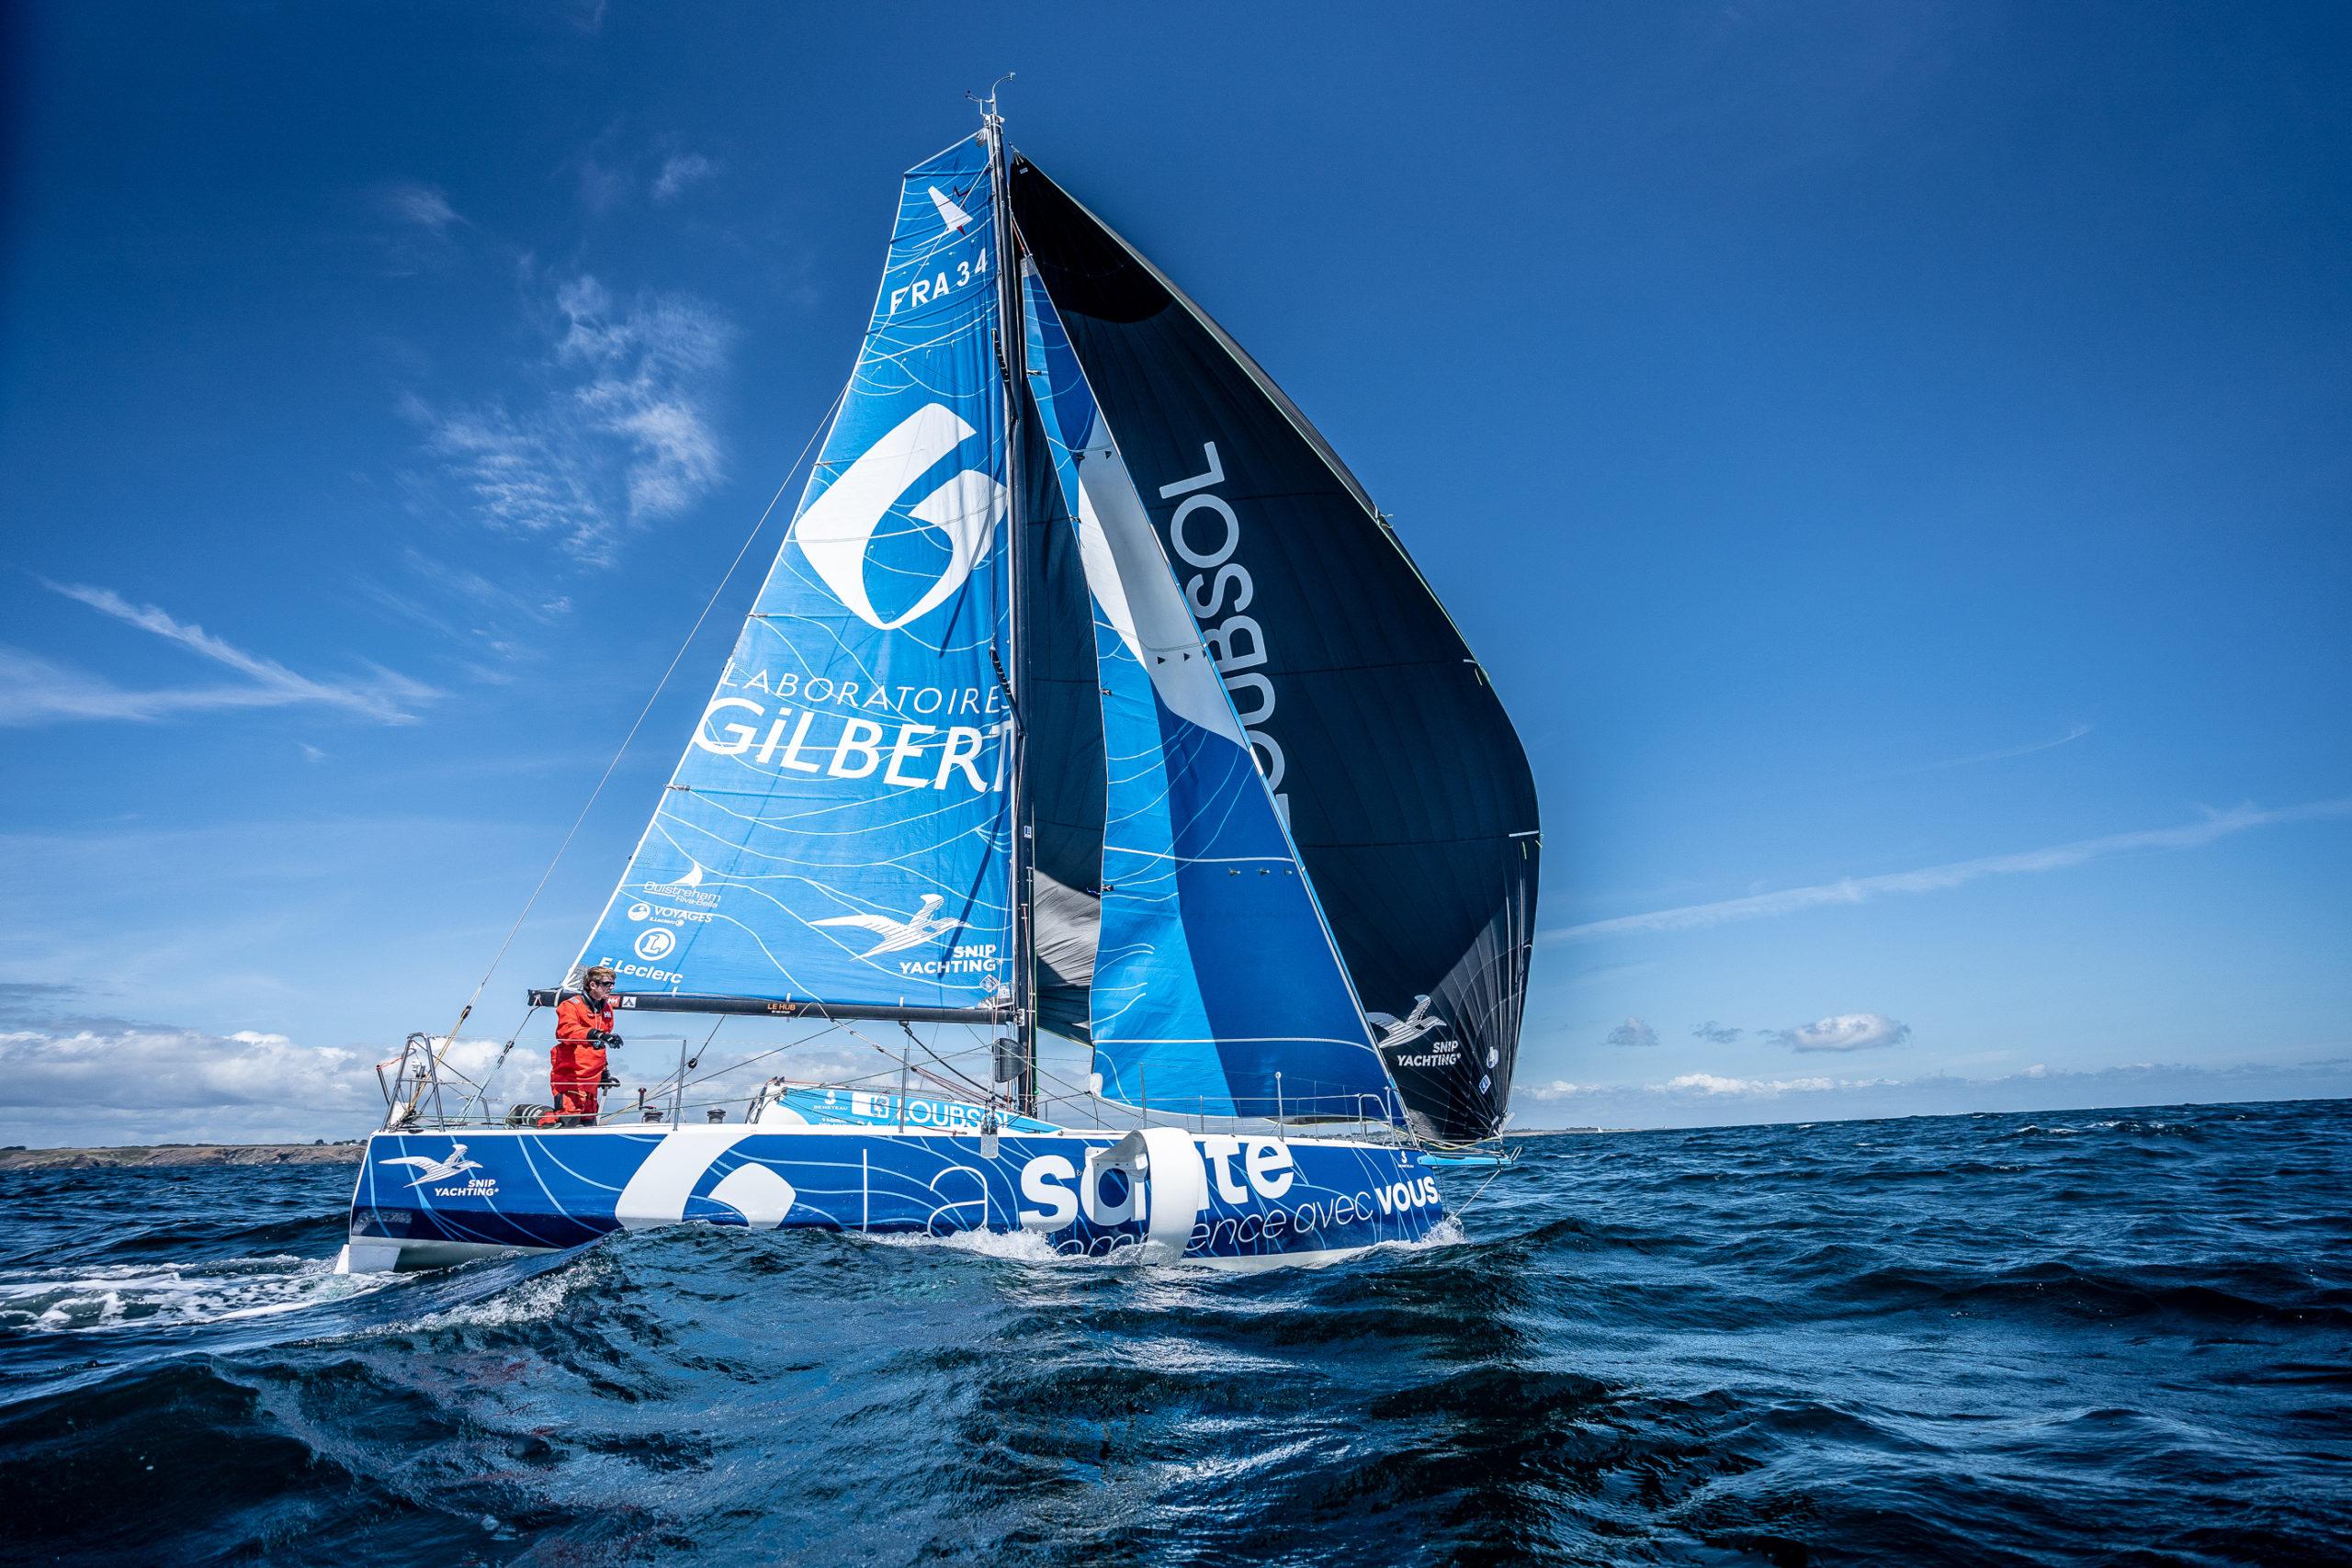 Fabien Delahaye ambitieux à l'approche de la Solitaire du Figaro : « Mon objectif, c'est le classement général »